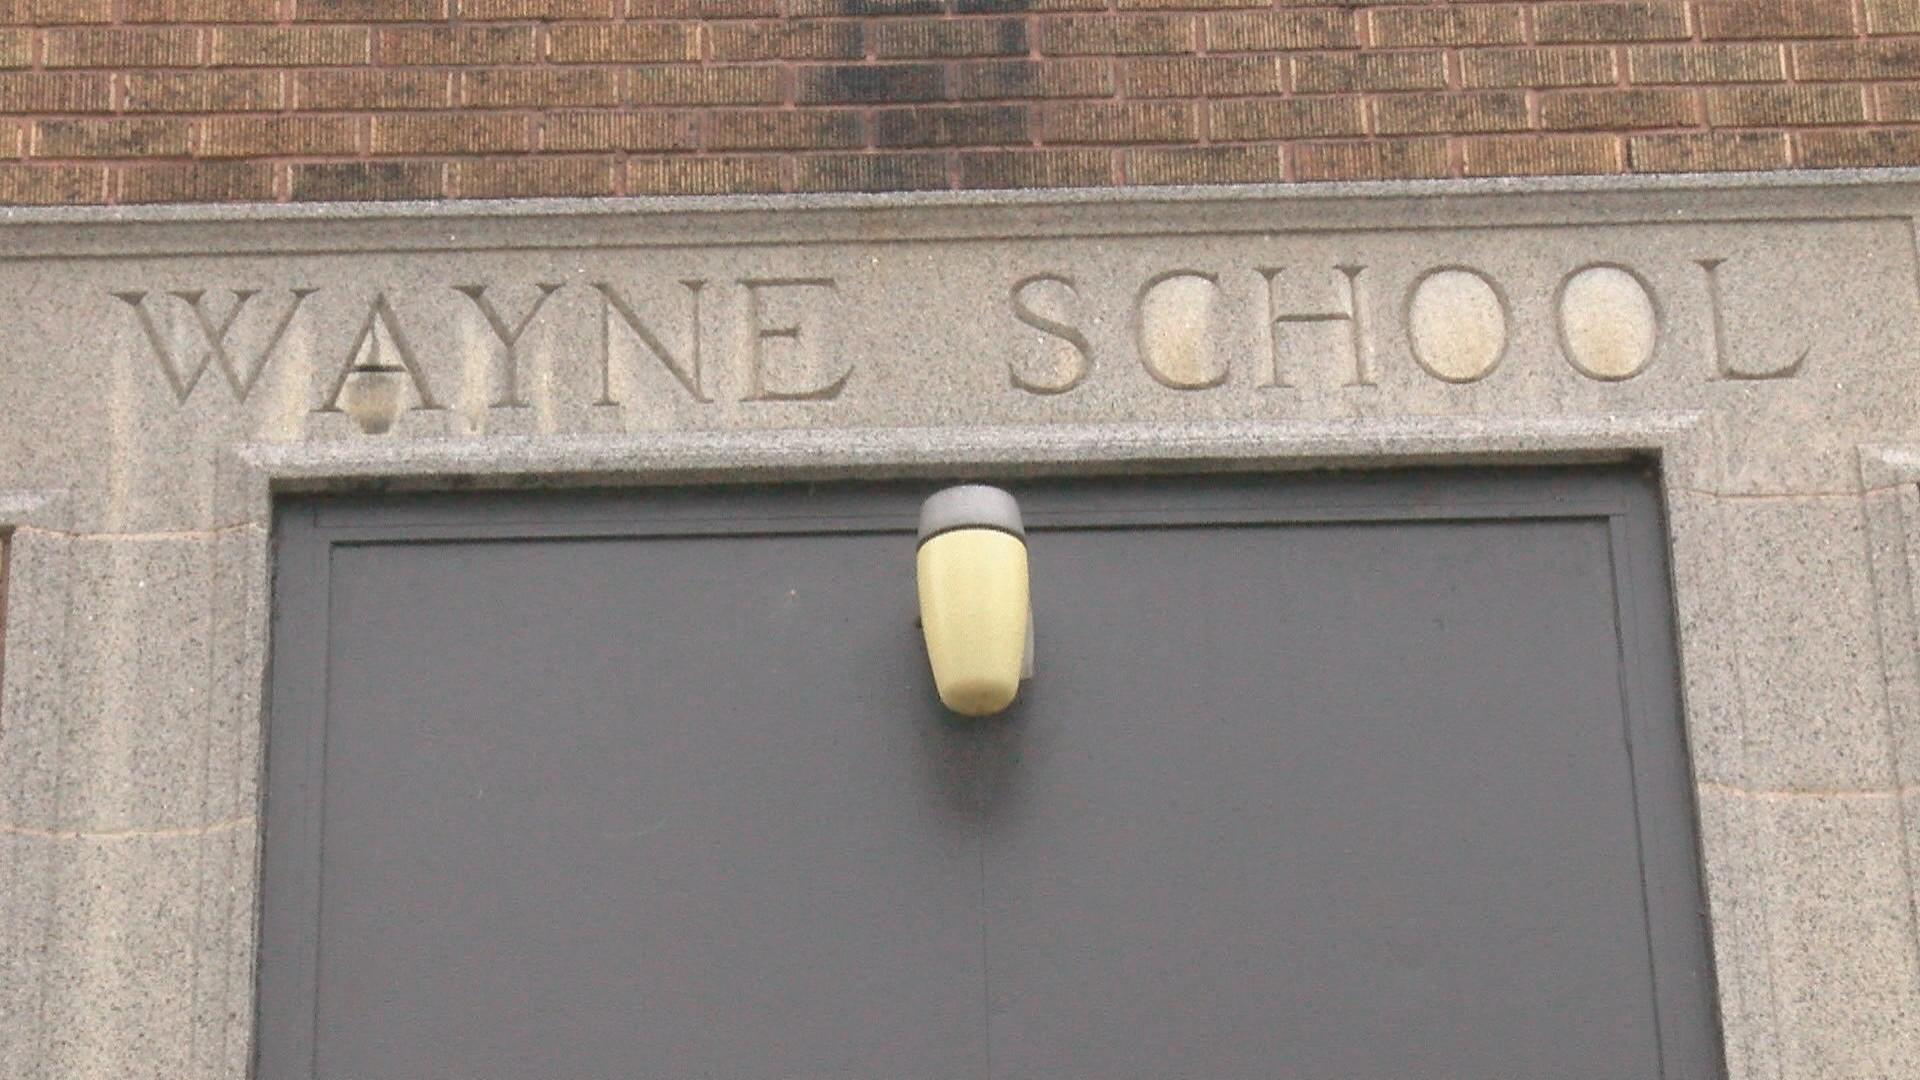 WAYNE SCHOOL SALE VO_frame_582_1556574792408.jpg.jpg